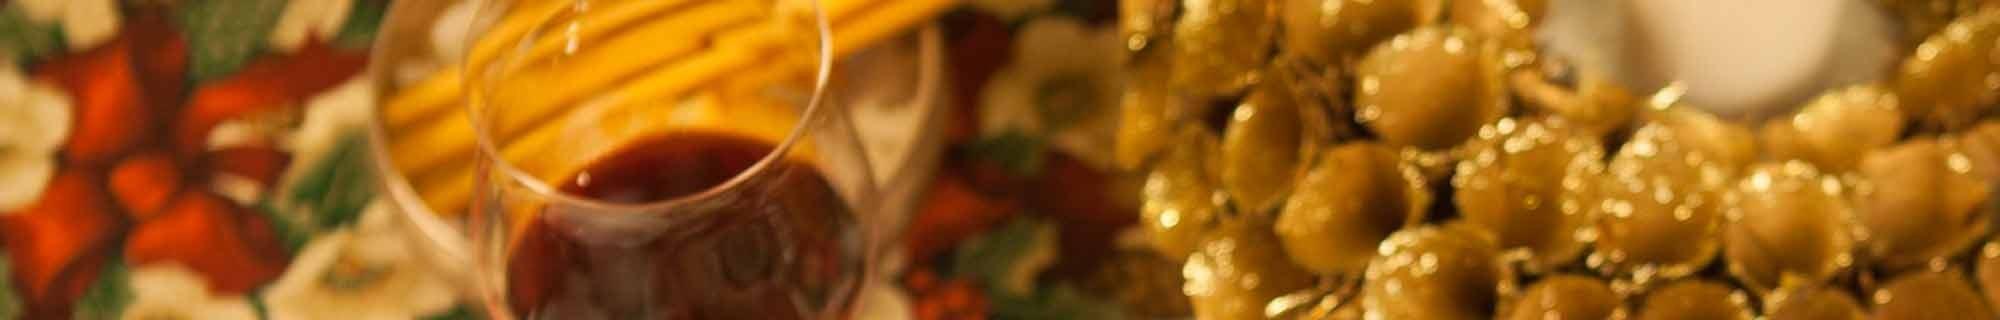 Confezione Regalo Vini Pregiati da Regalare